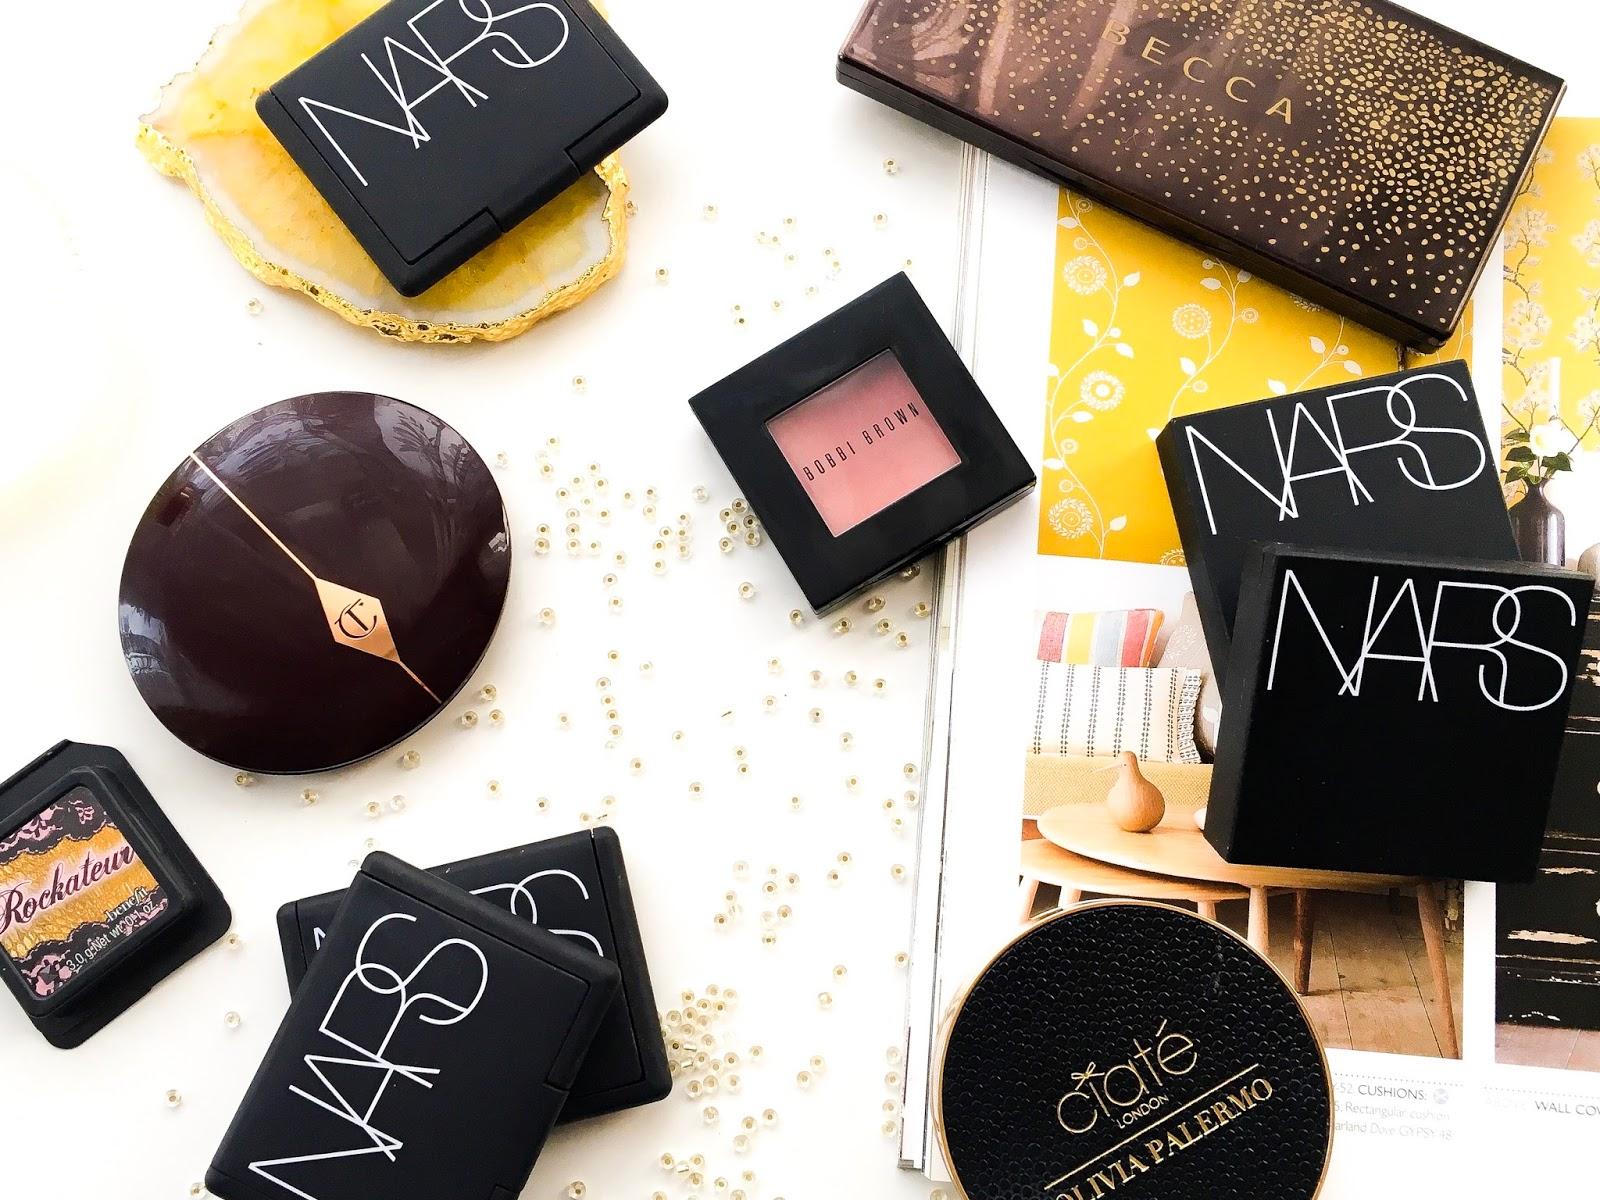 makeup collection series blusher, high end blushers, nars dual intensity blusher, nars blusher, charlotte tilbury cheek to chic blusher, bobbi brown blusher